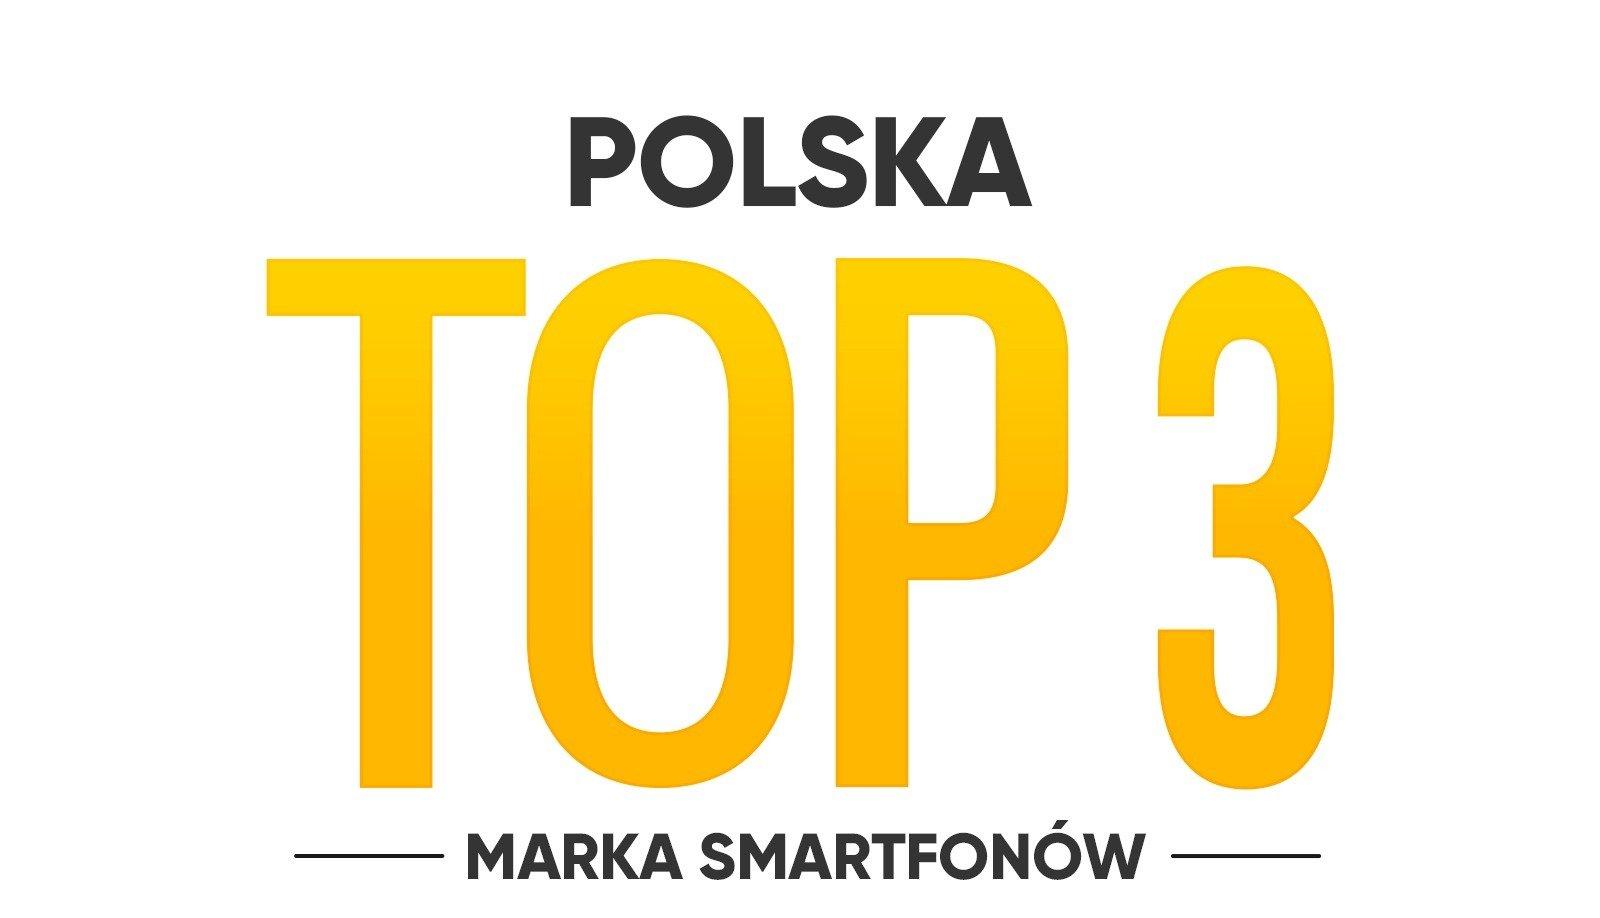 realme ze wzrostem o 10685% i pozycją TOP 3 w Polsce po II kwartale 2021 roku